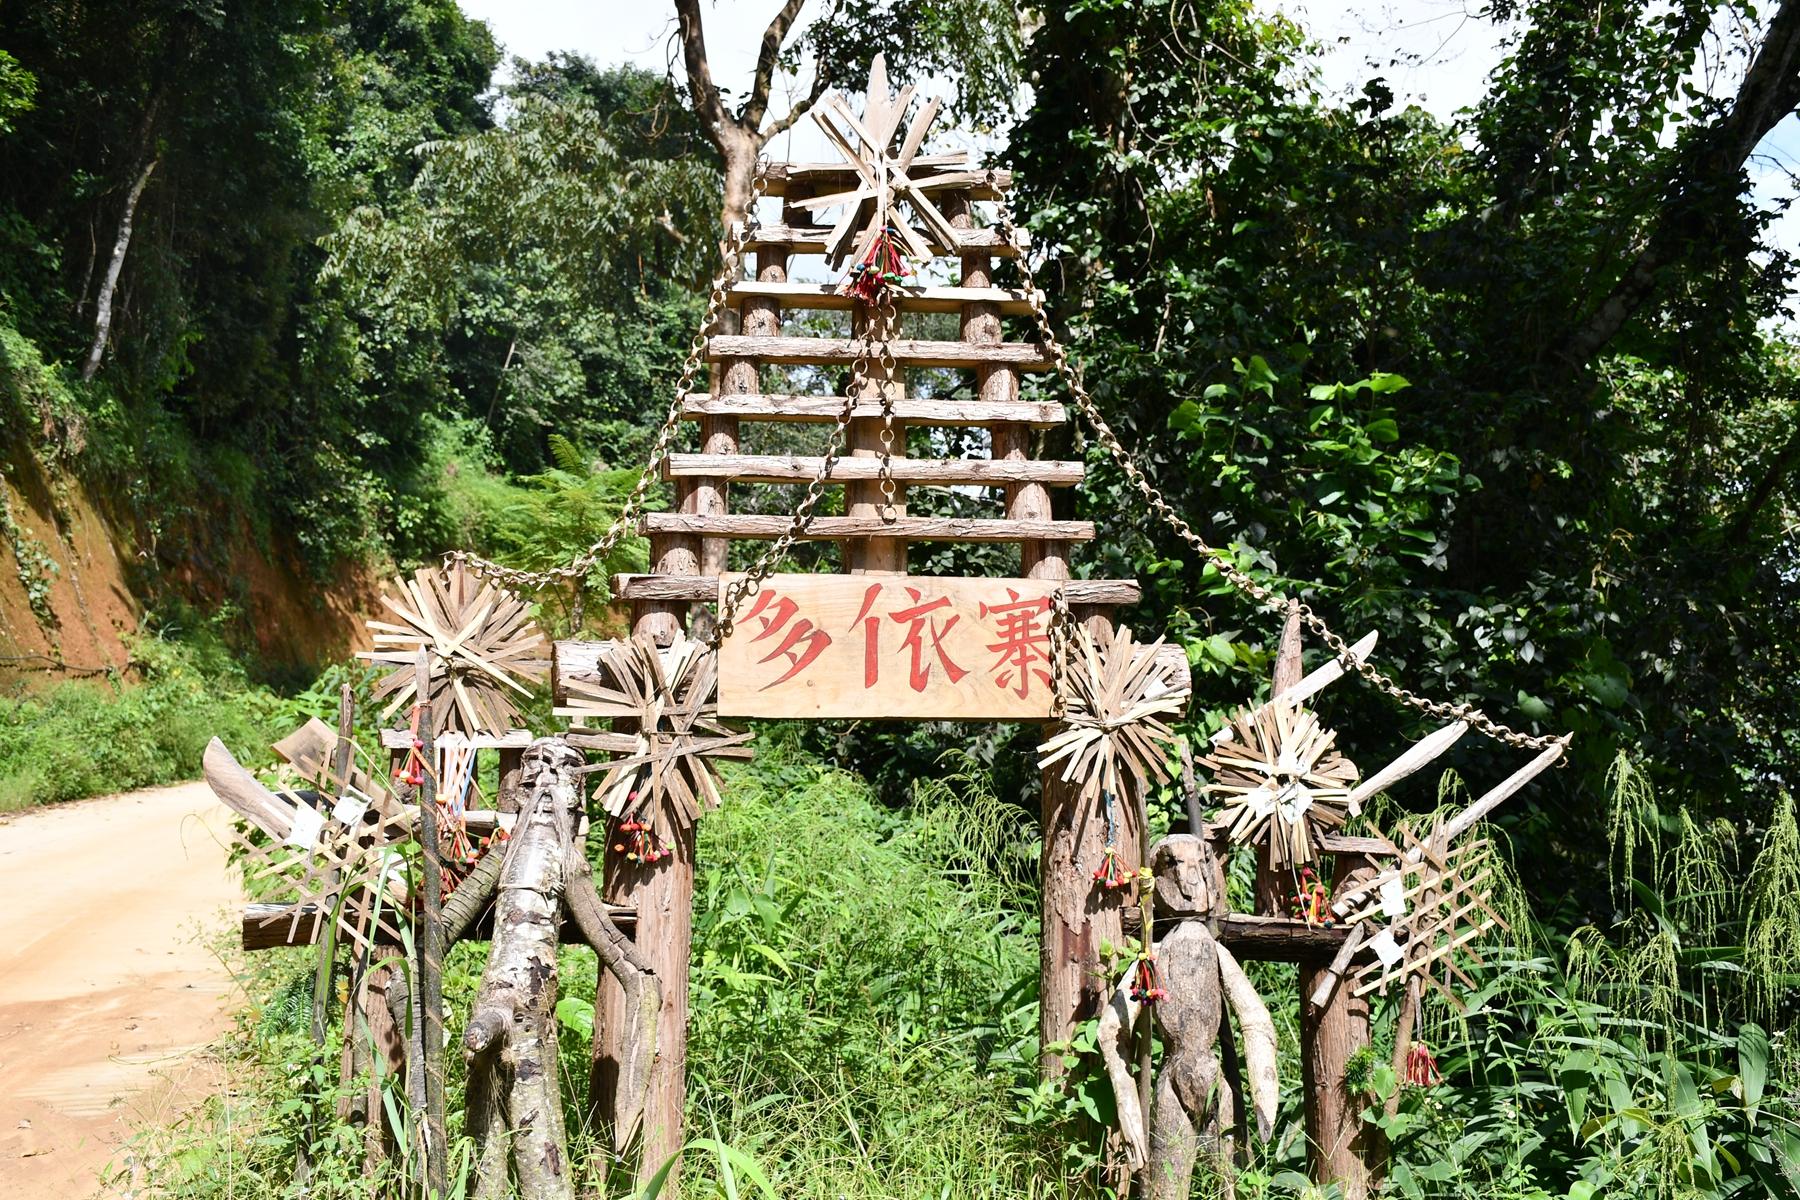 深度寻访茶树王之乡丨南糯山十二寨之多依寨